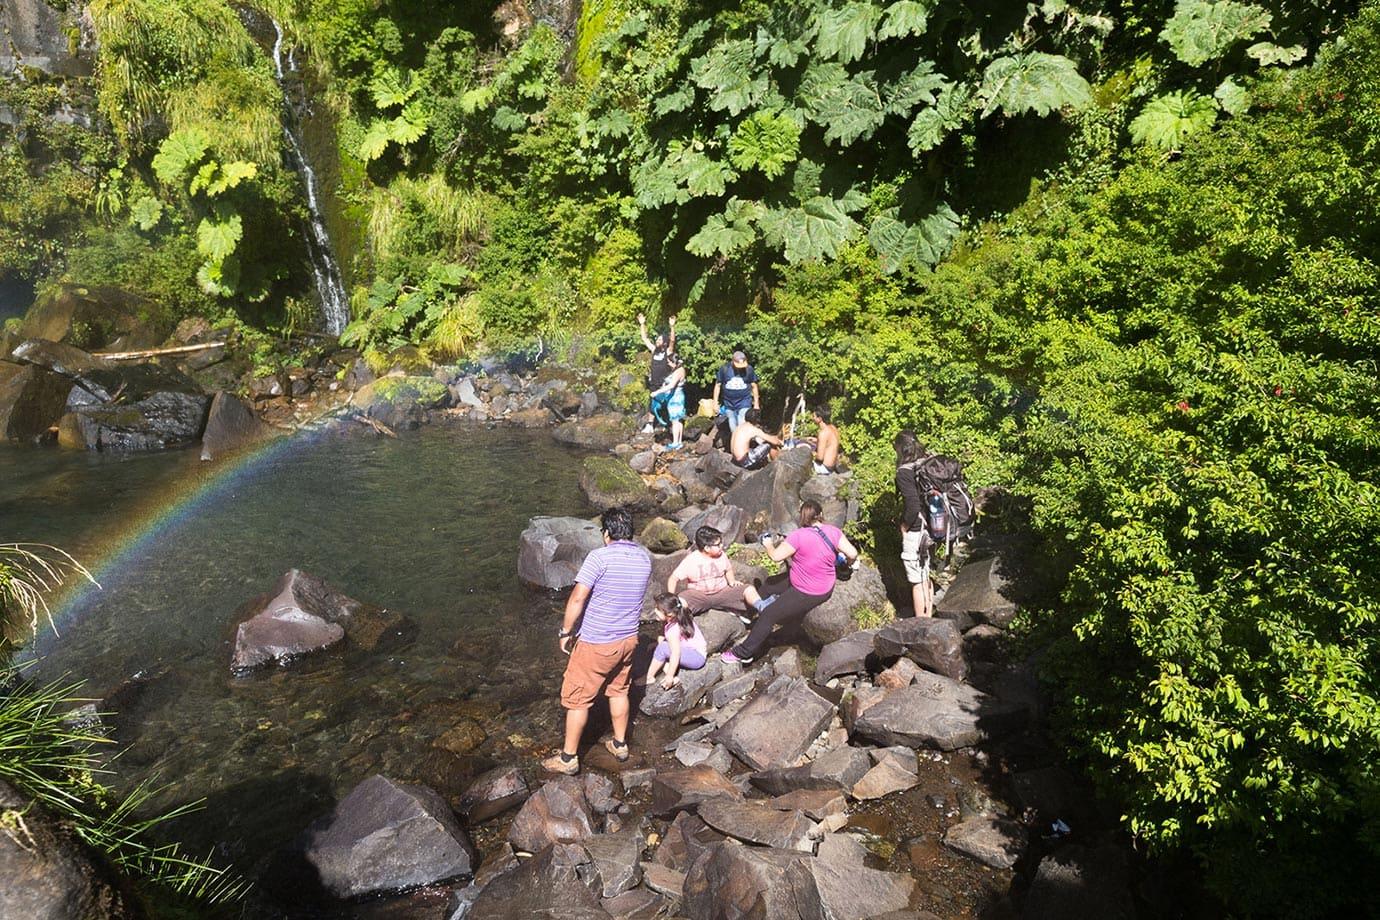 The rock pools at Salto el Leon